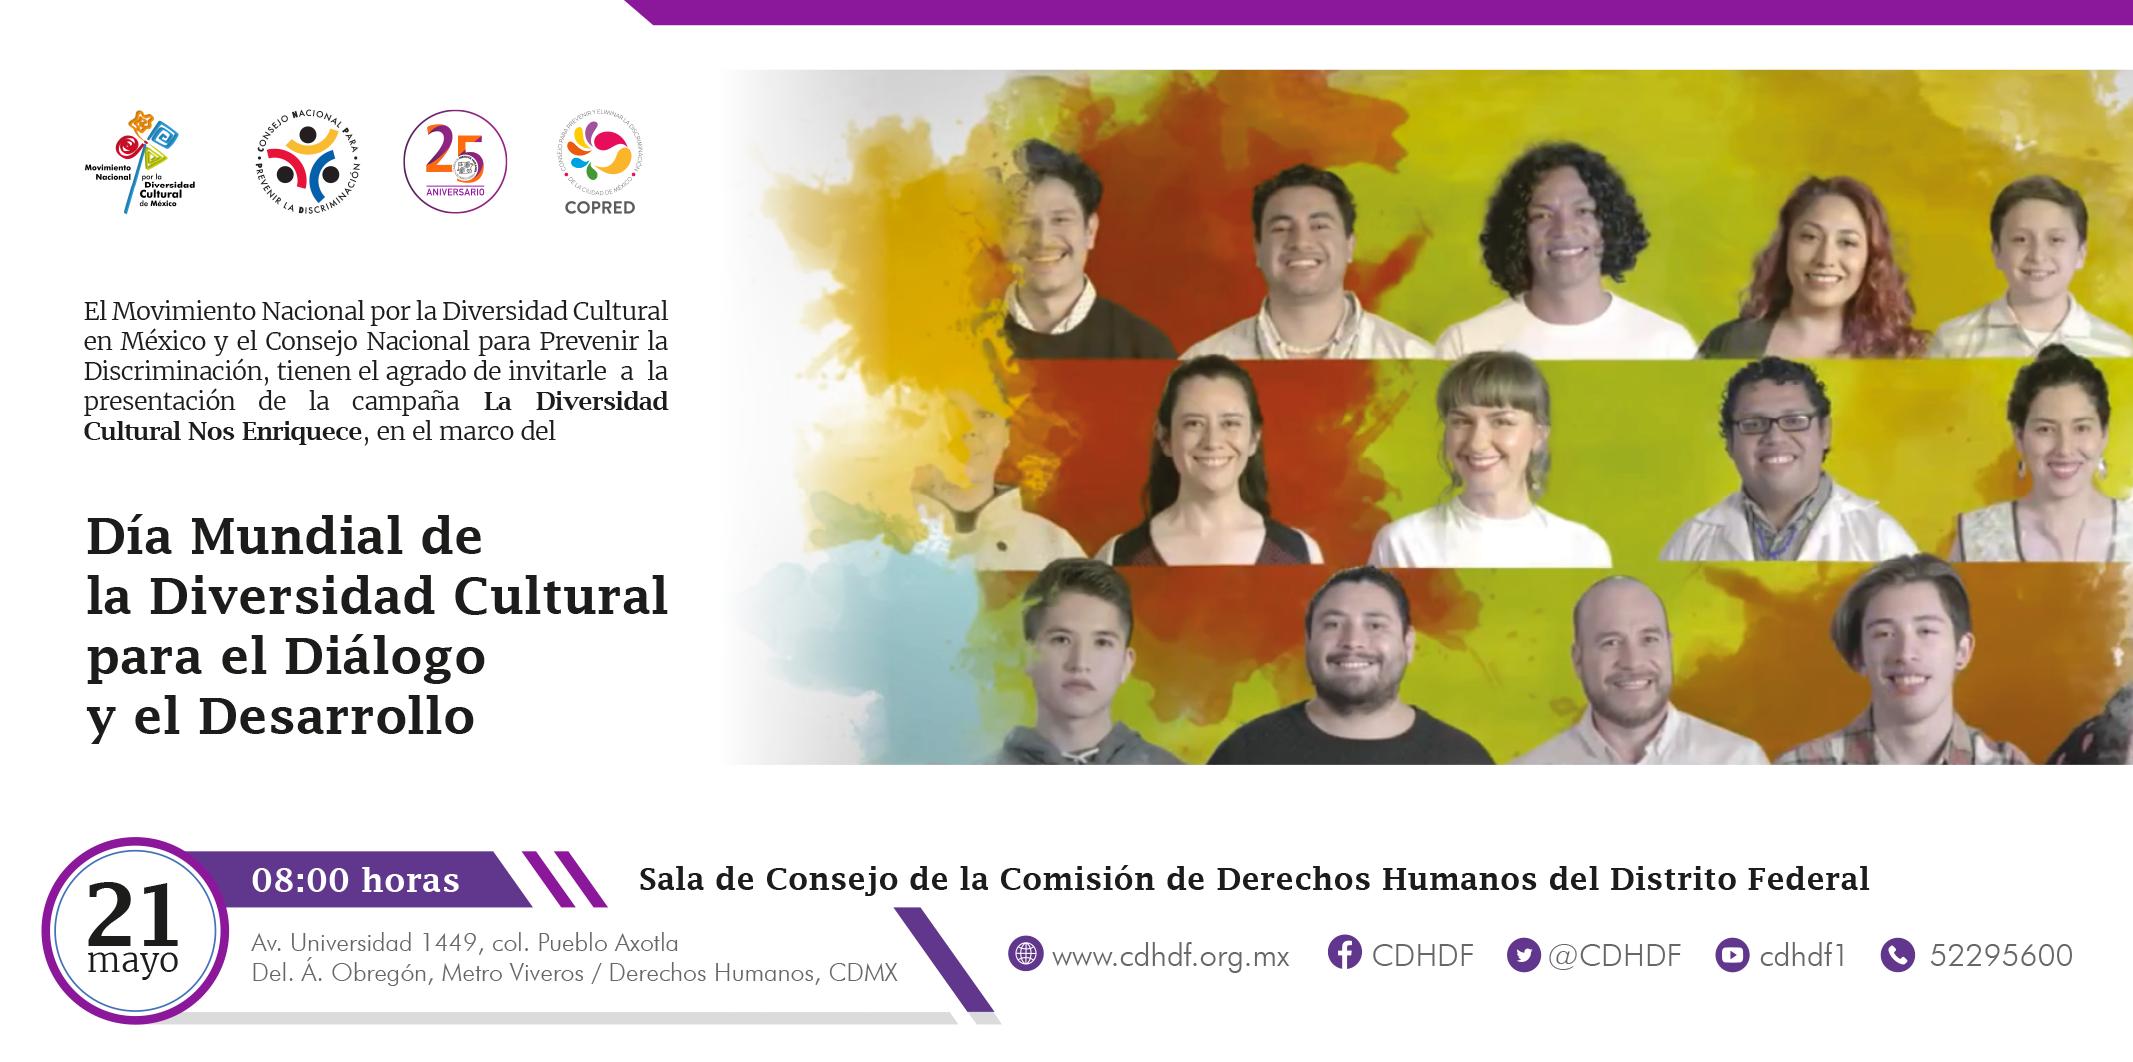 Conferencia en el marco del Día Mundial de la Diversidad Cultural para el Diálogo y el Desarrollo @ CDHDF